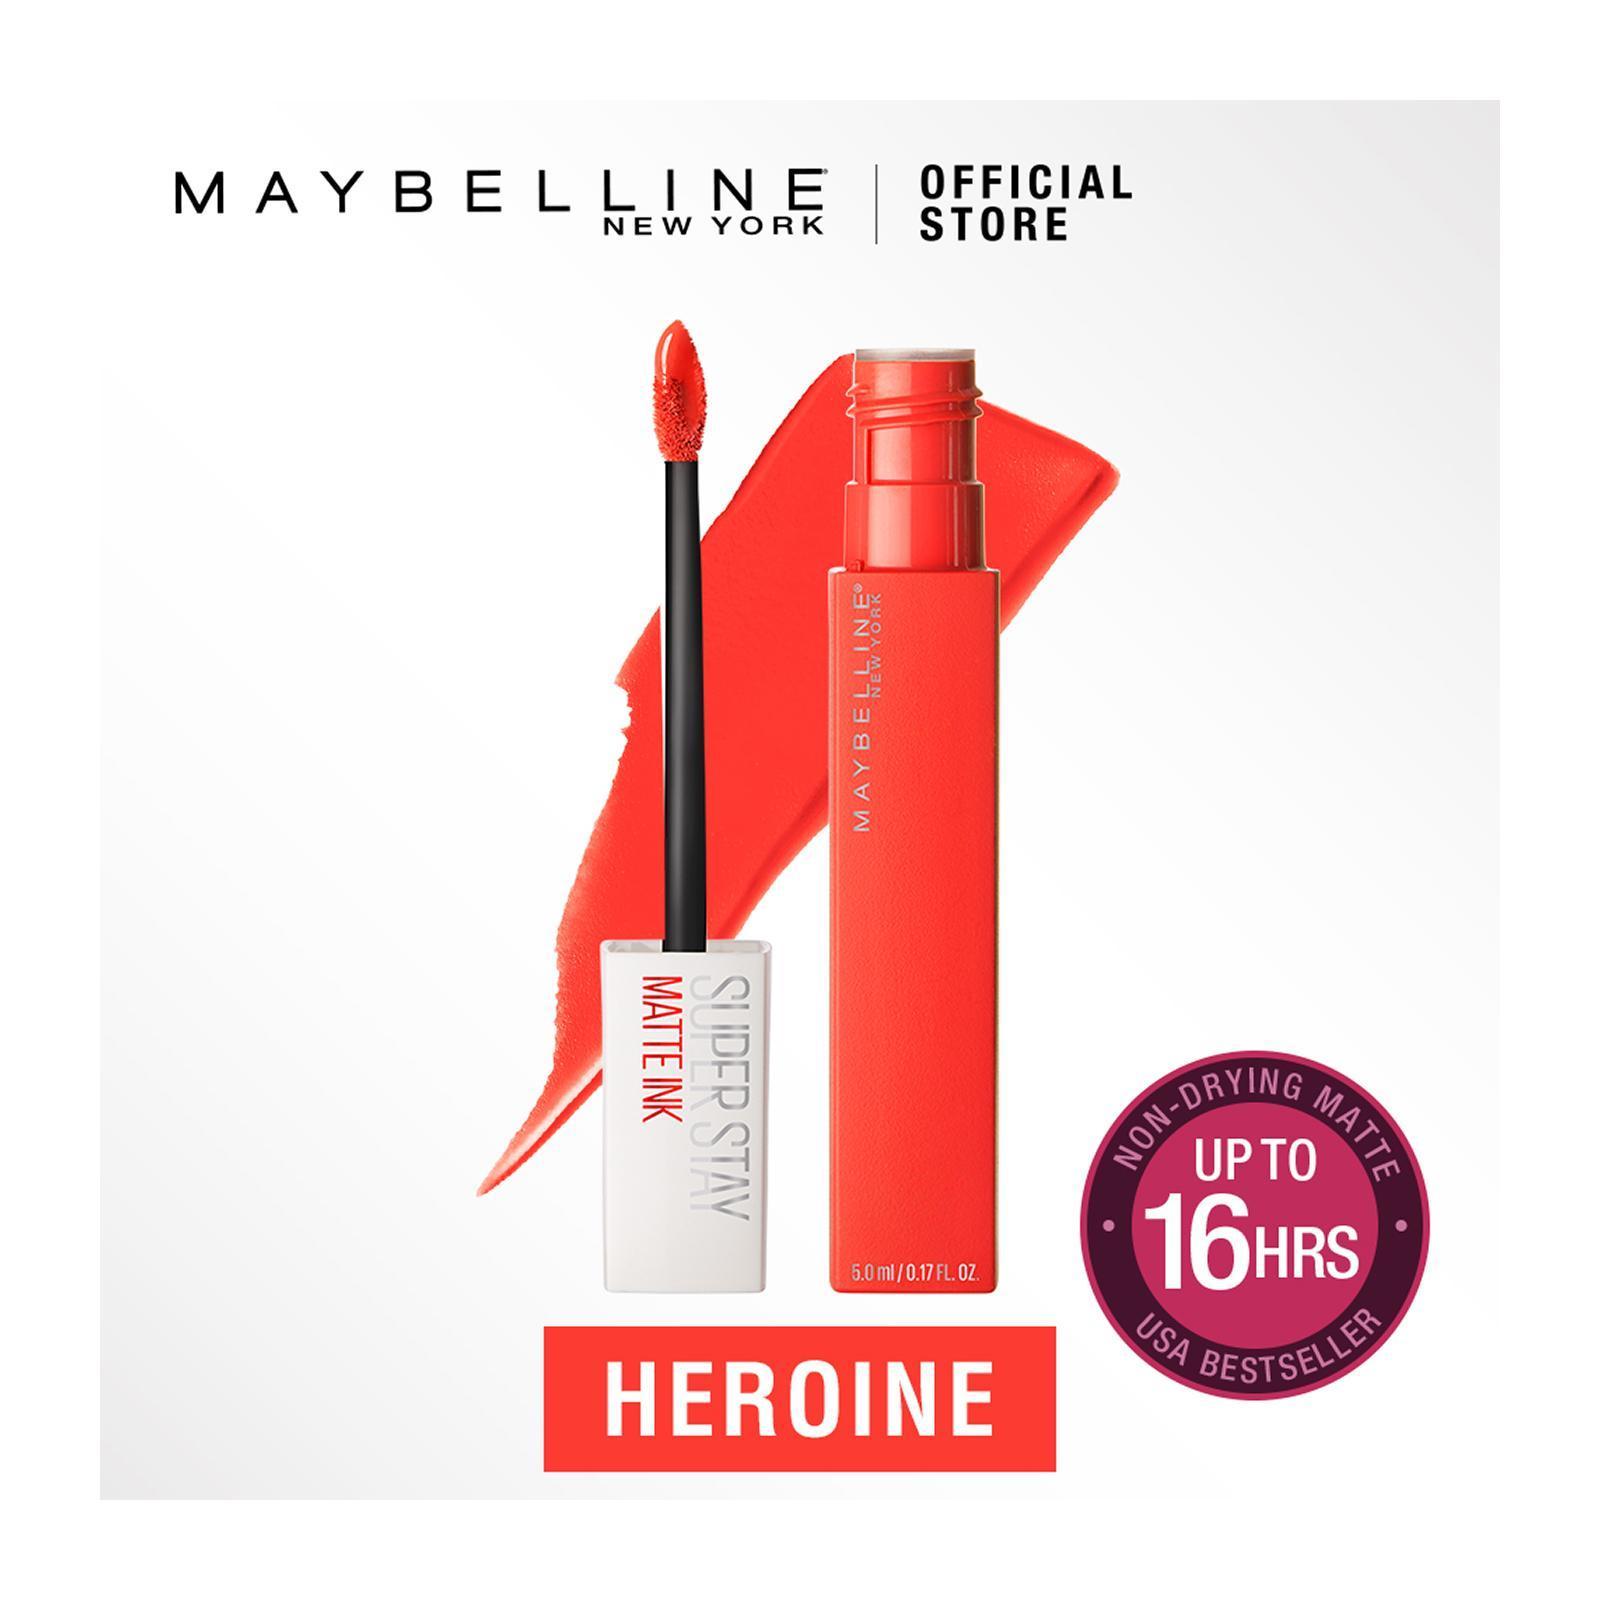 Maybelline Superstay Matte Ink Heroine Liquid Lipstick